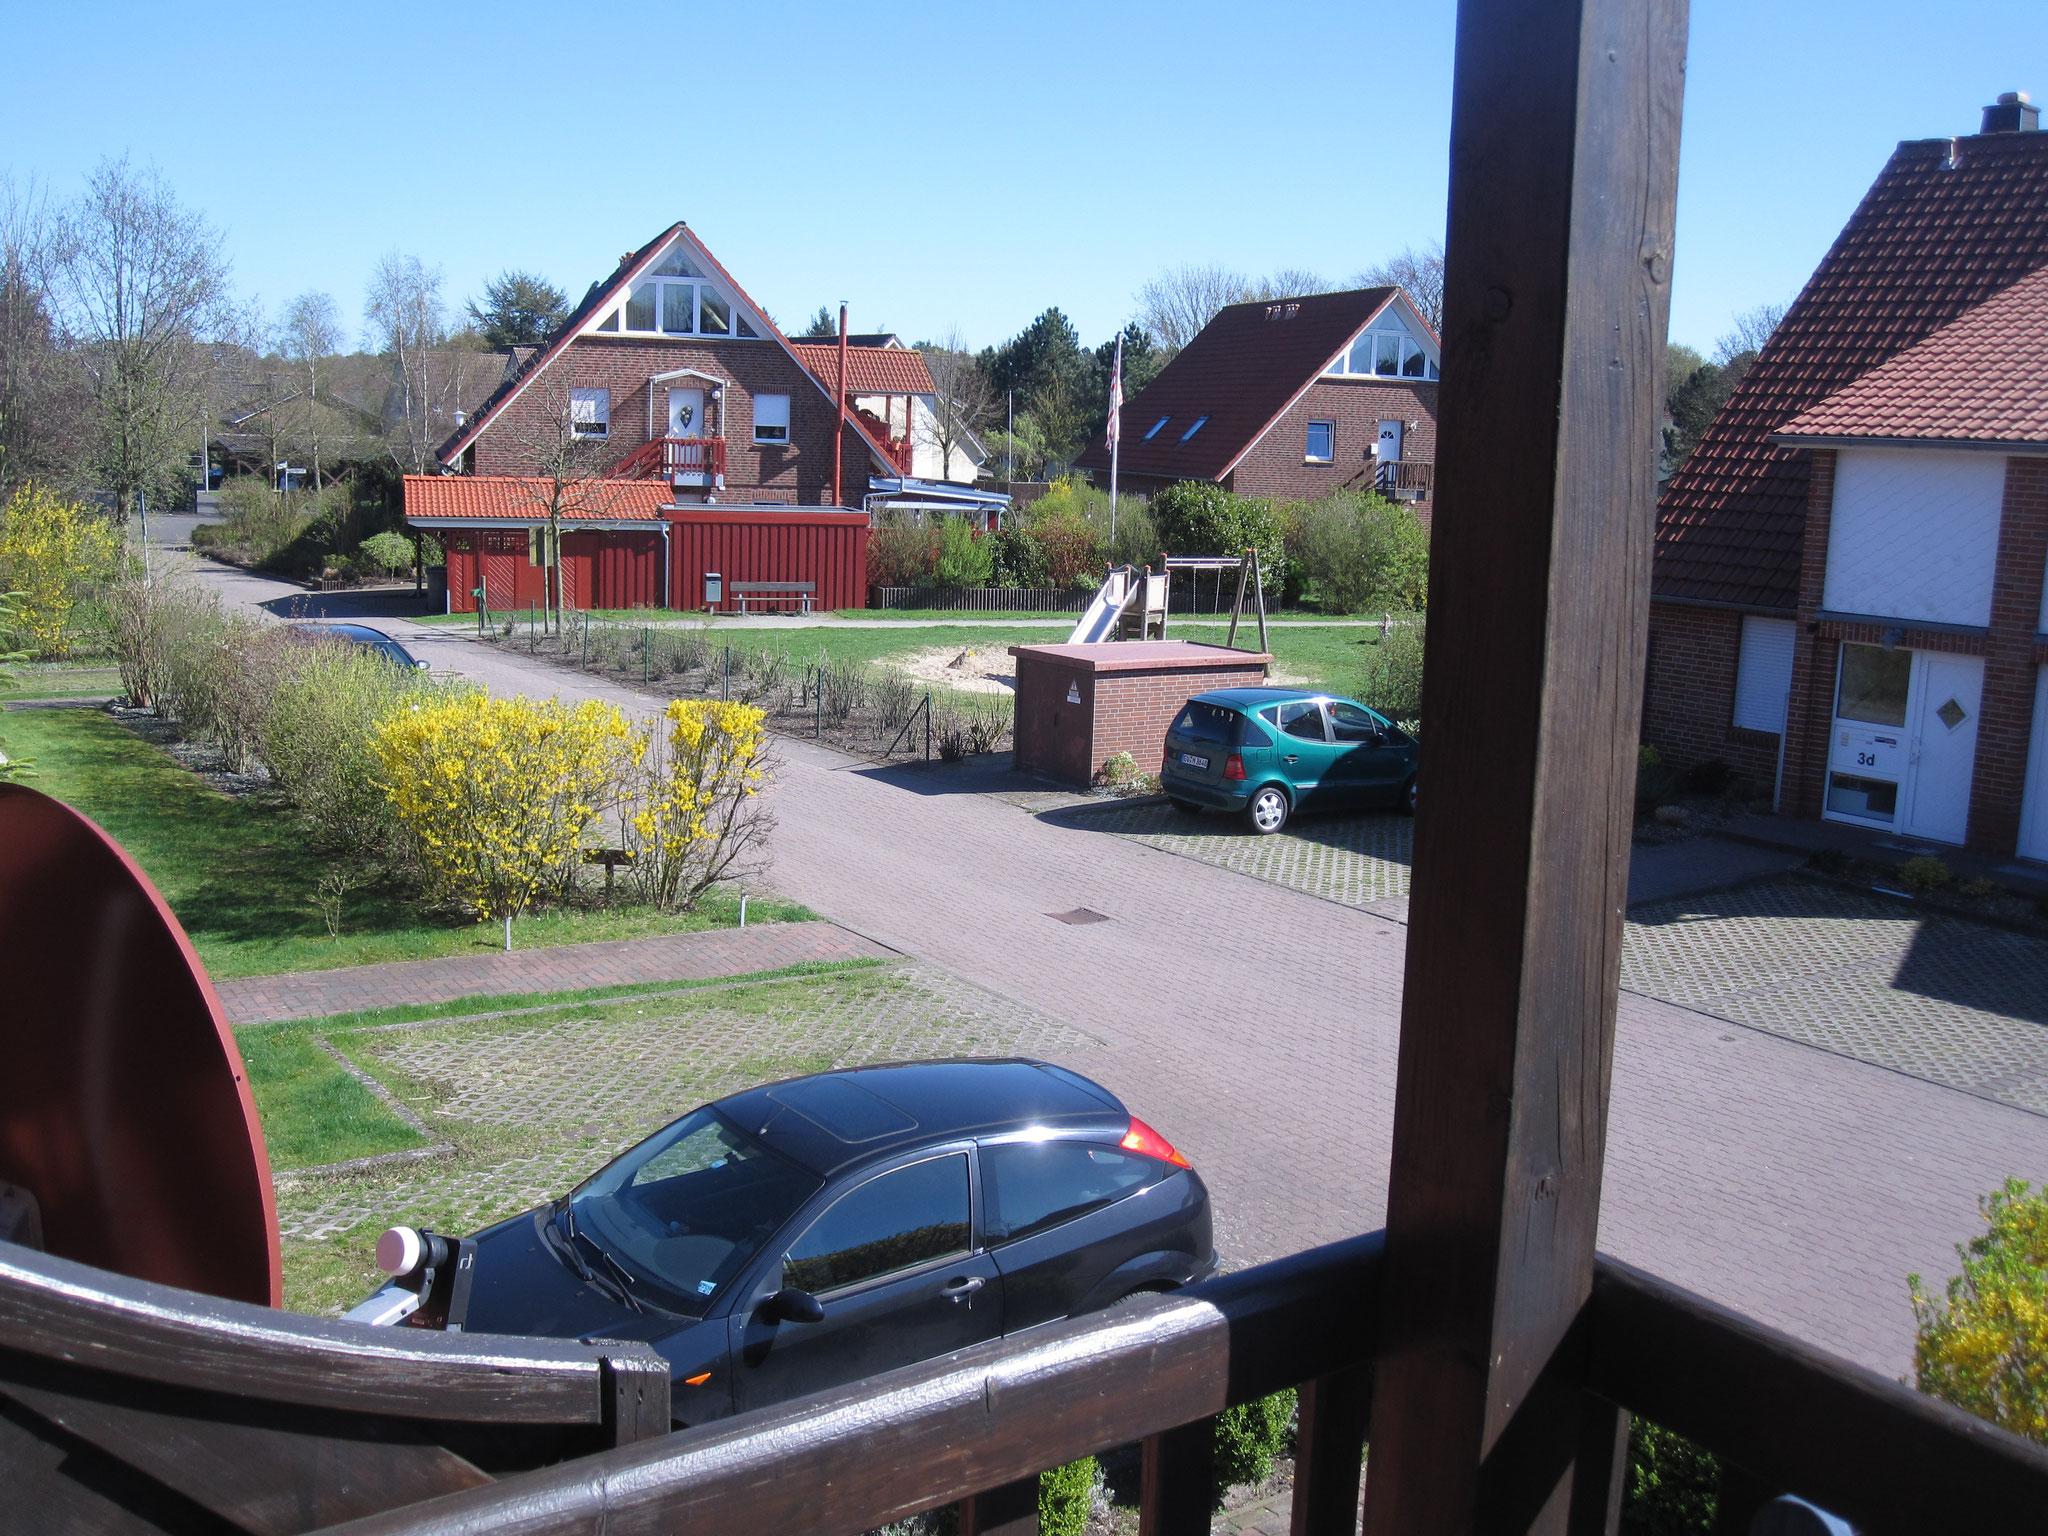 Blick auf den Spielplatz vom Balkon